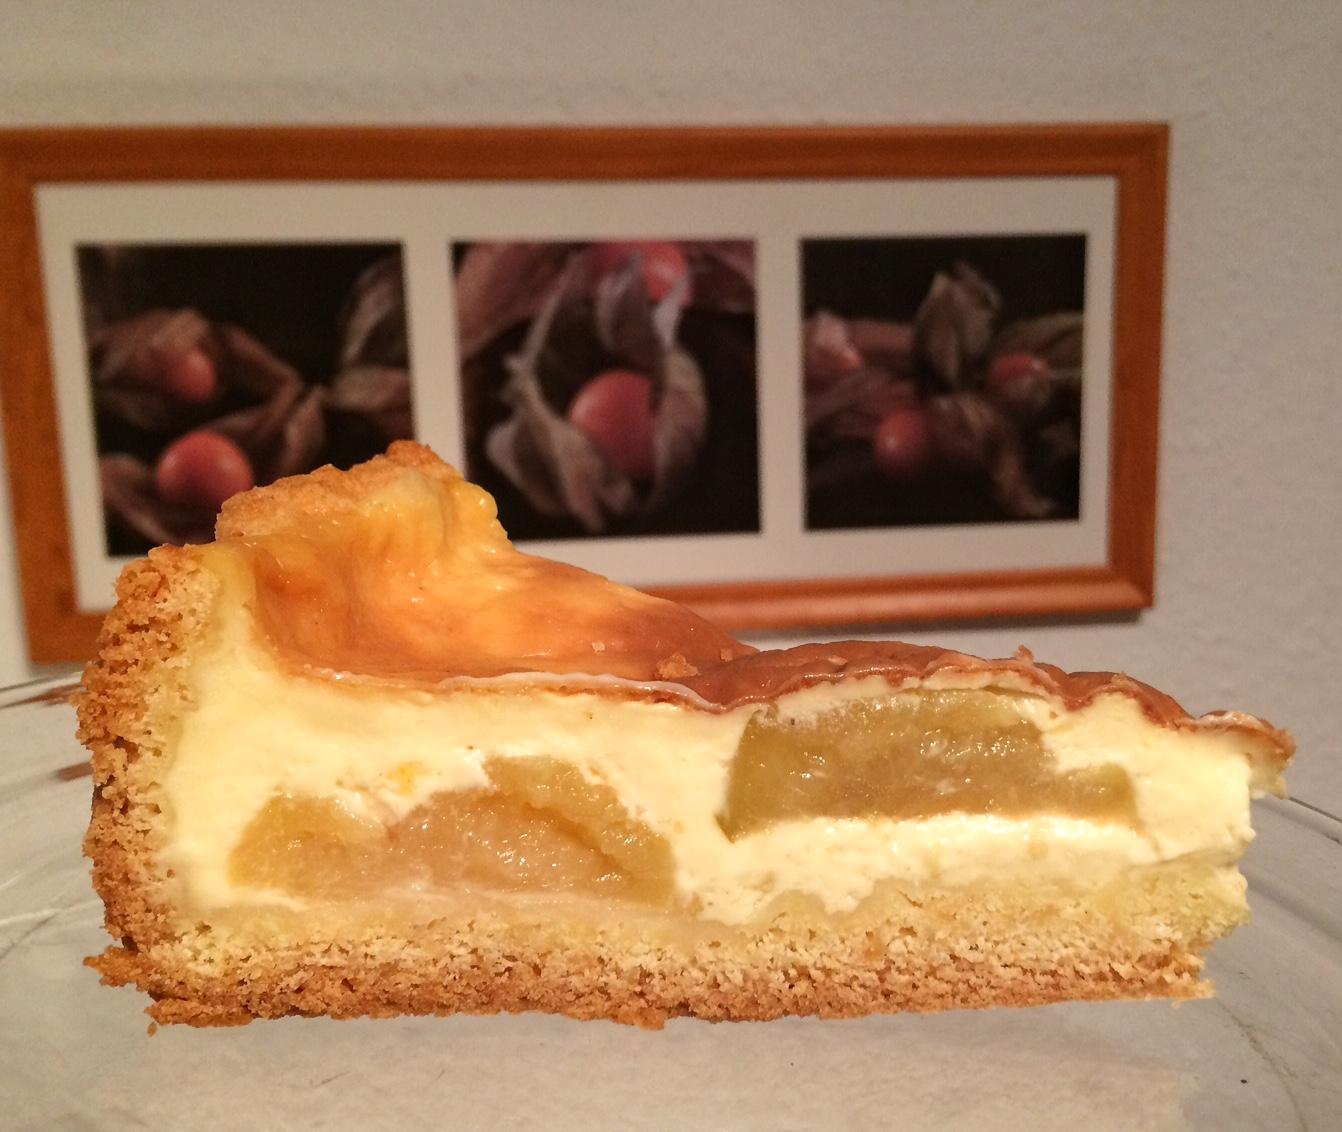 Versunkener Apfelkuchen mit Vanille